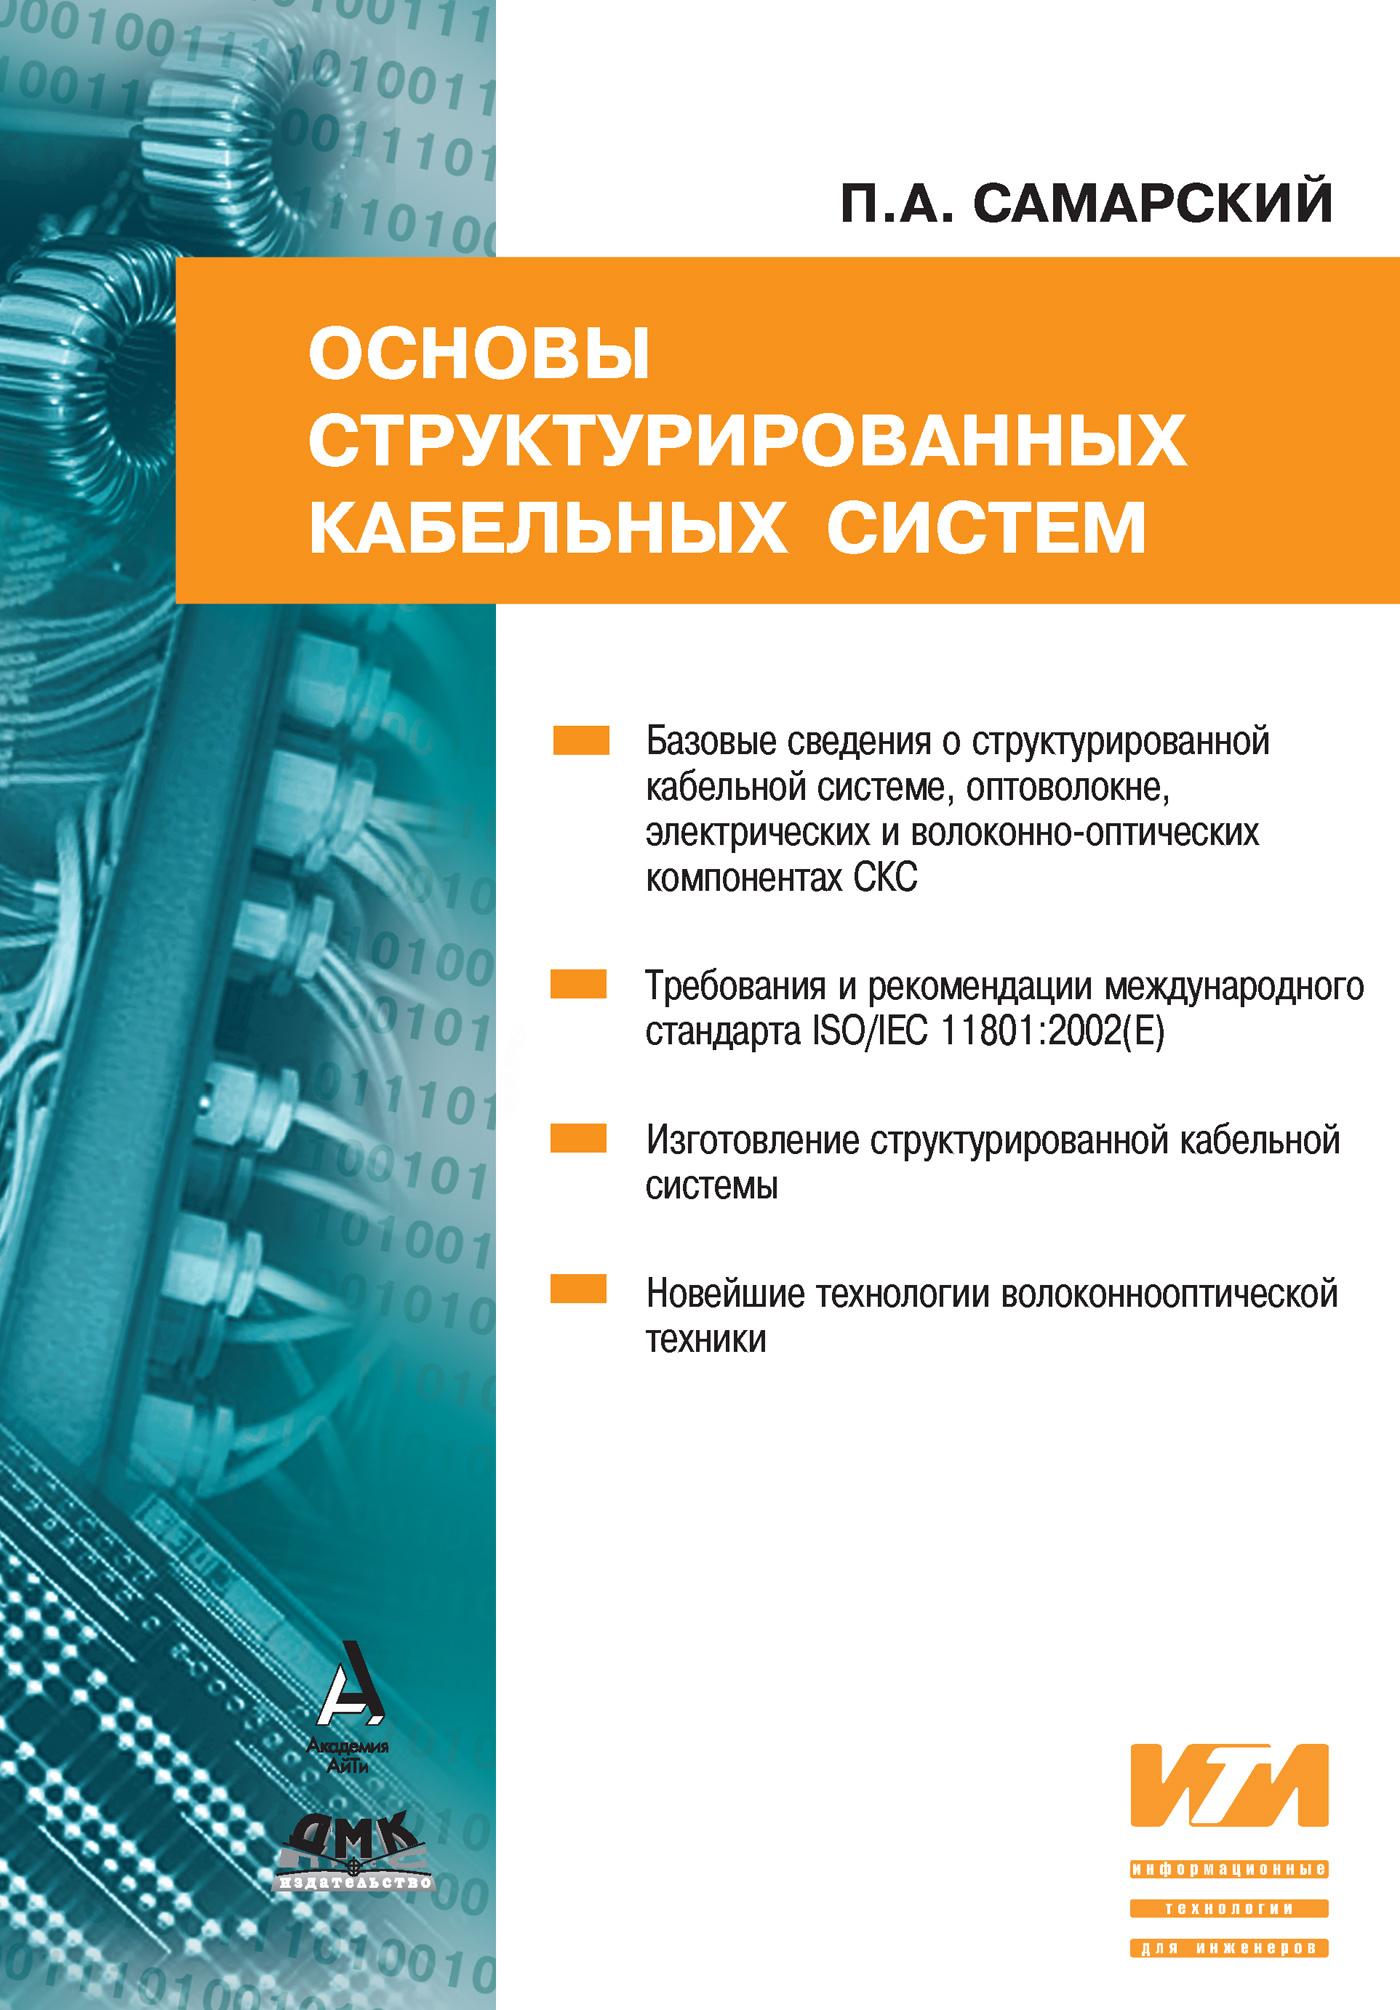 Павел Самарский «Основы структурированных кабельных систем»